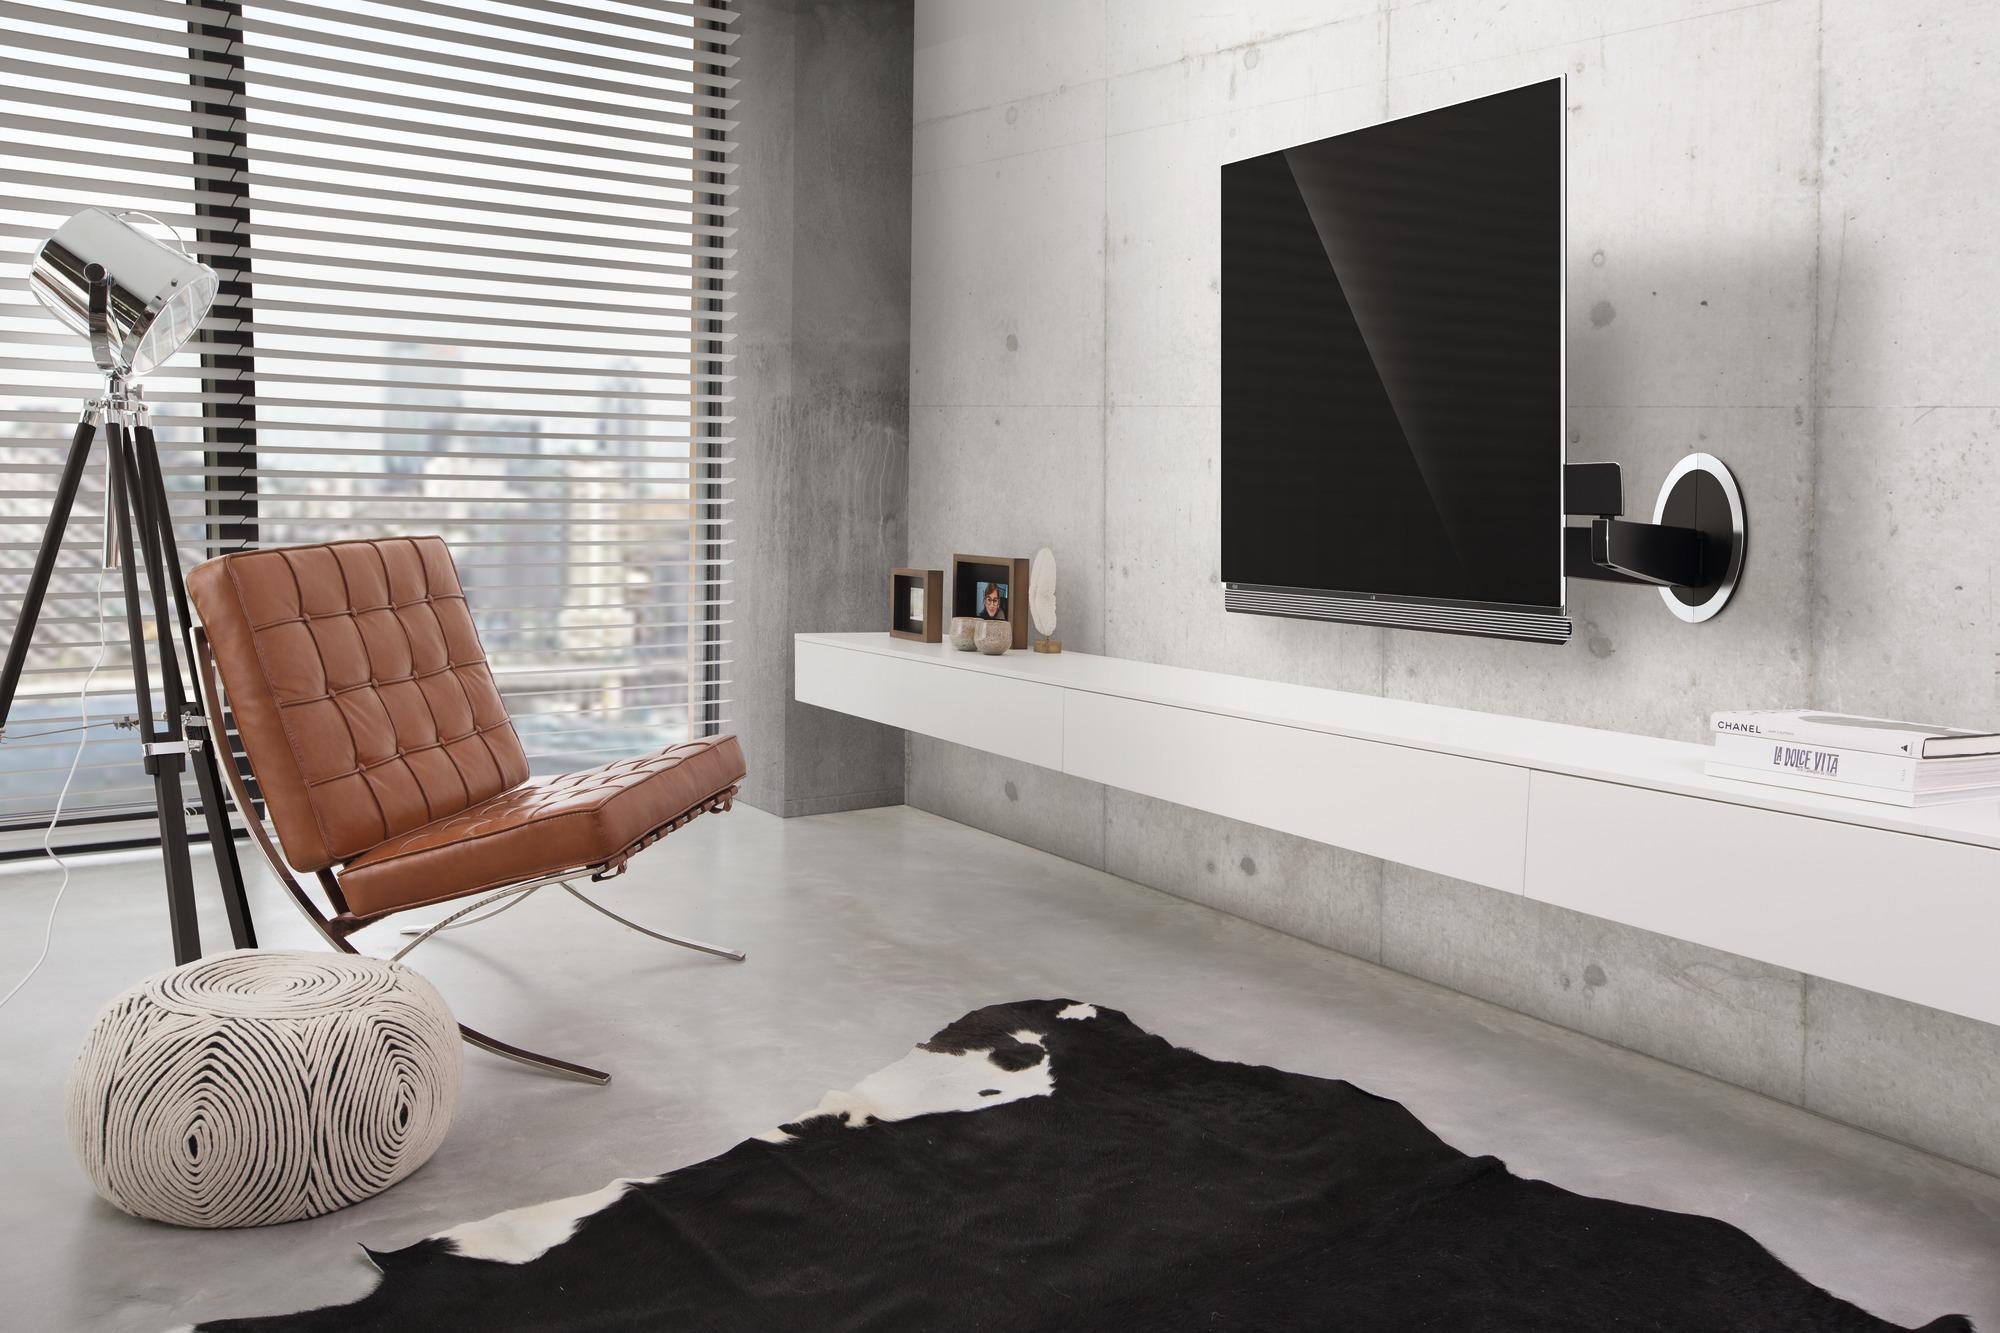 Un support TV exclusif de Vogel's pour votre téléviseur LG OLED